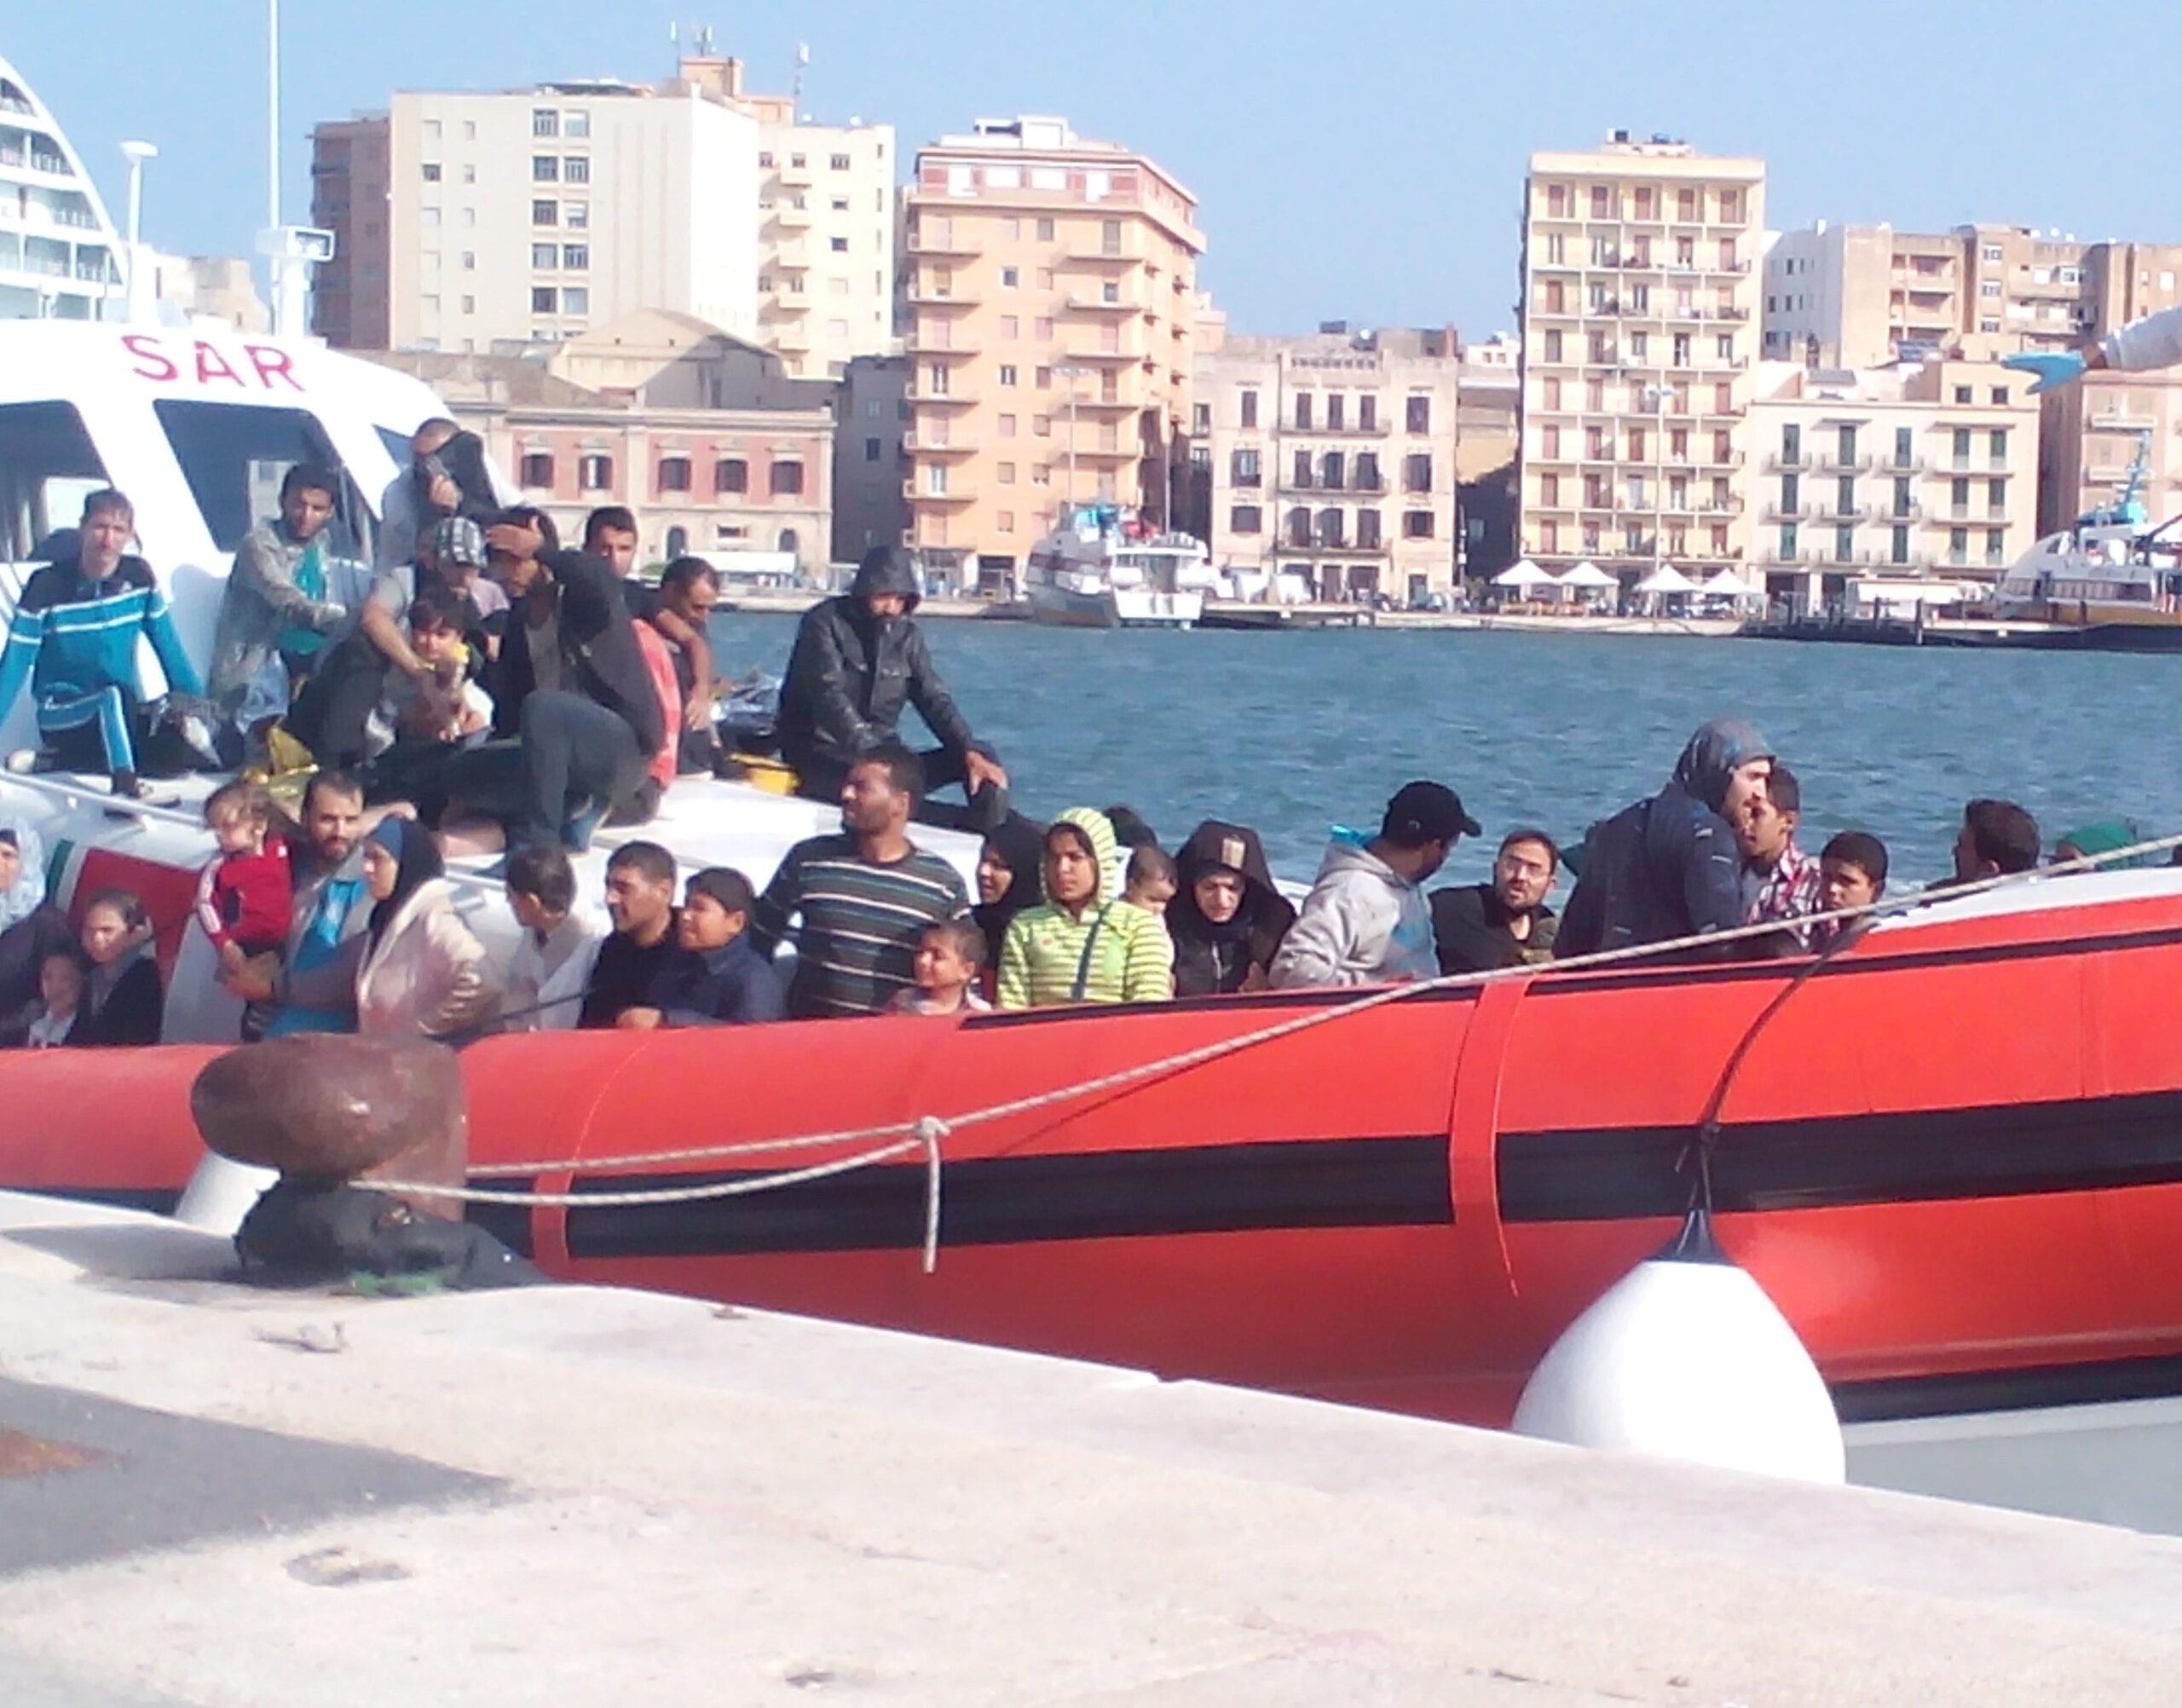 Sbarco di migranti a Trapani